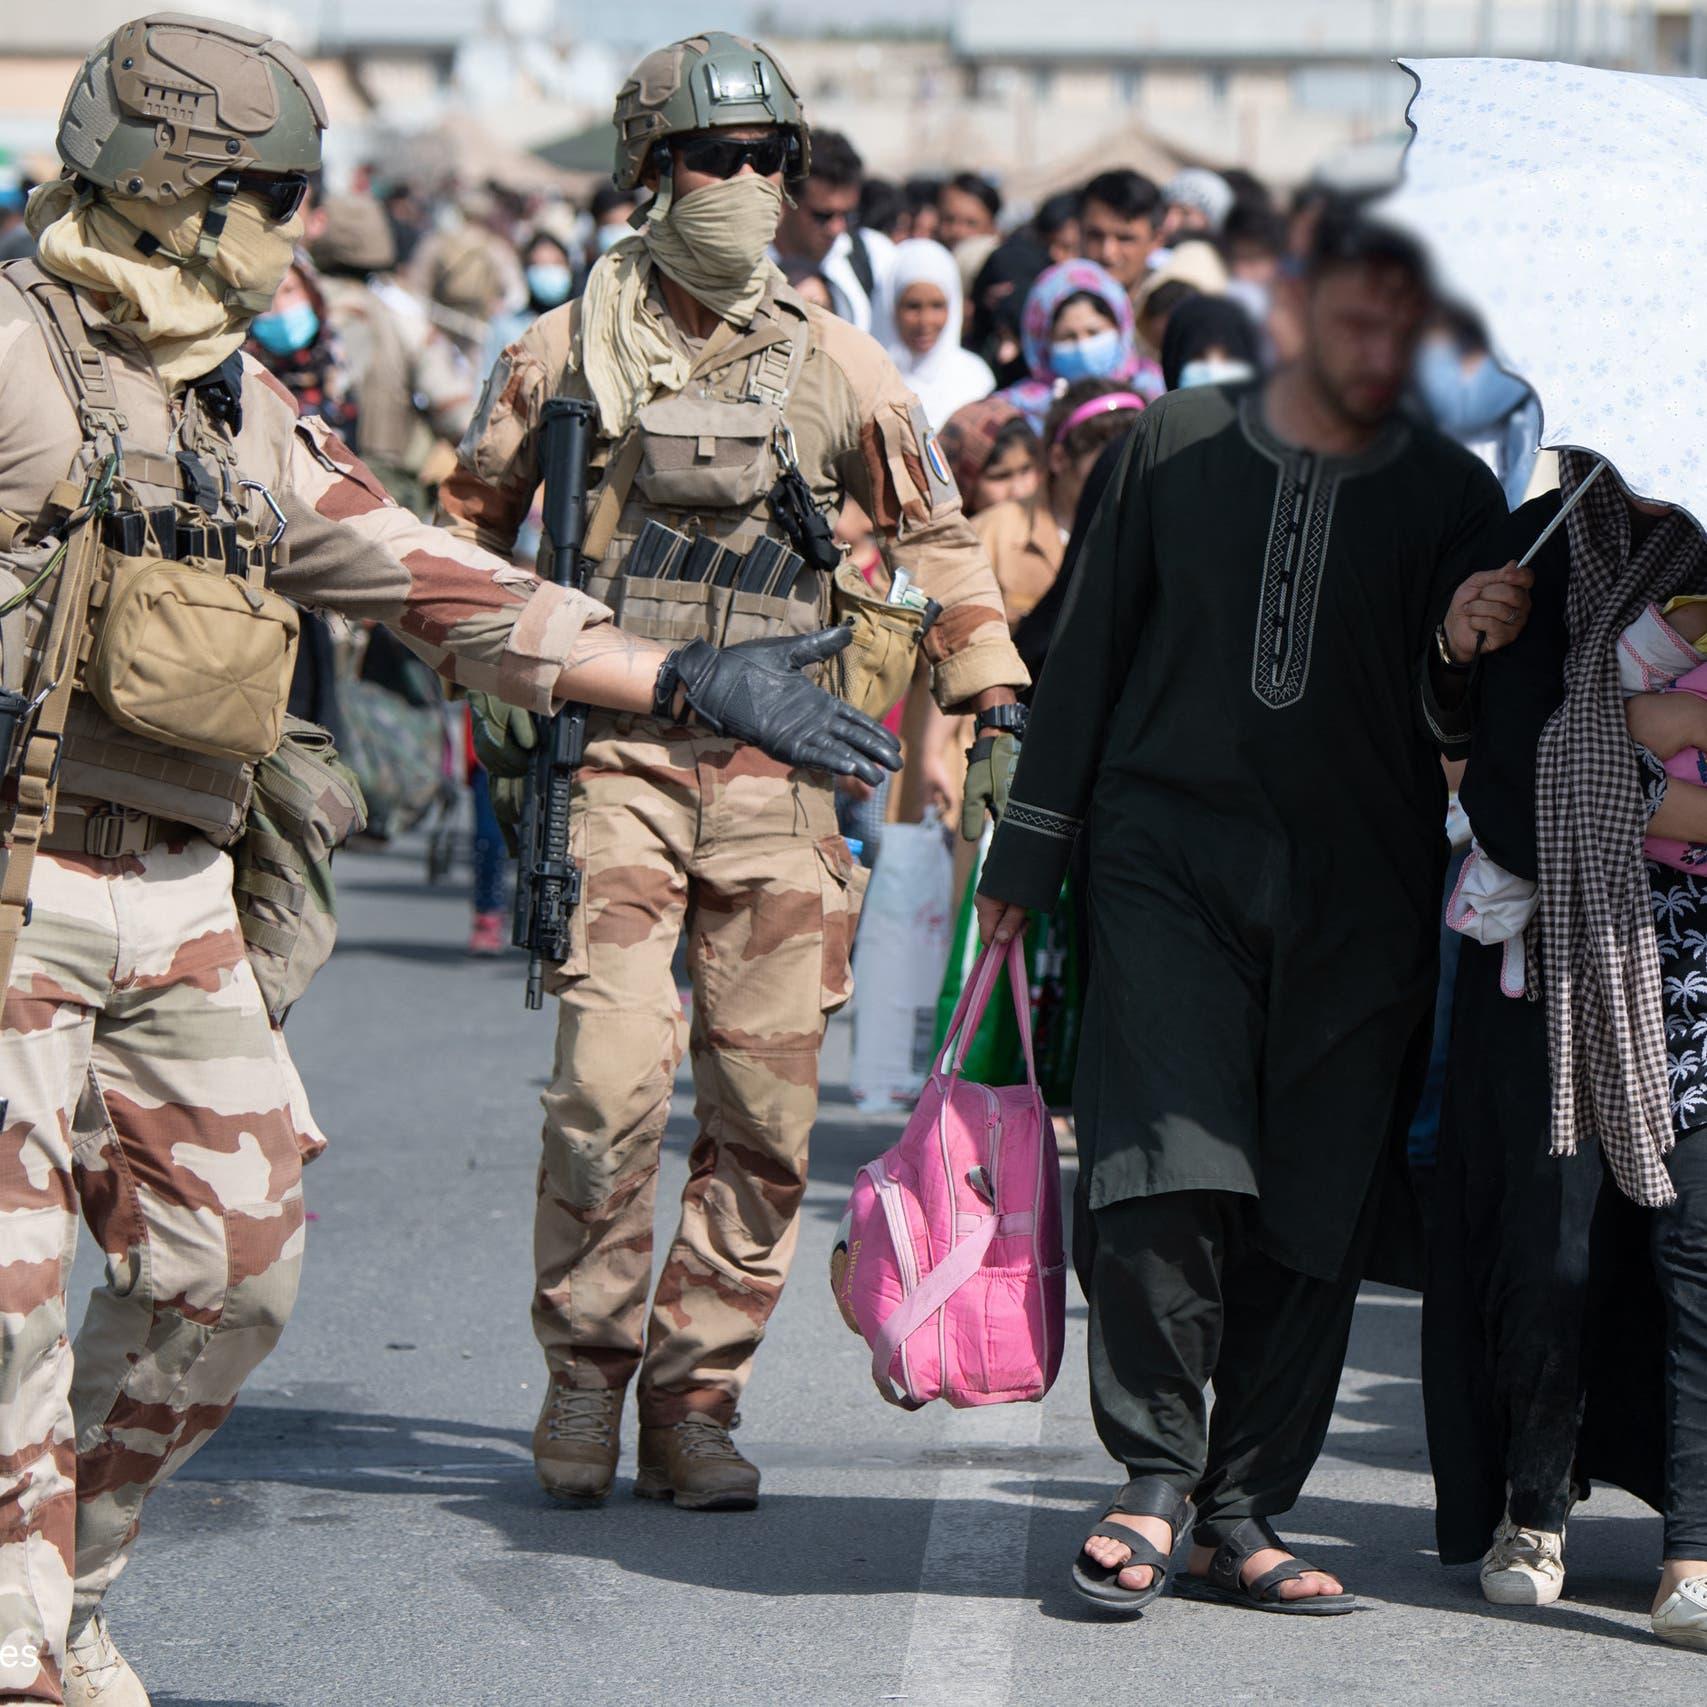 فرنسا تنهي الإجلاء وتبقى على تواصل مع طالبان لإخراج المزيد